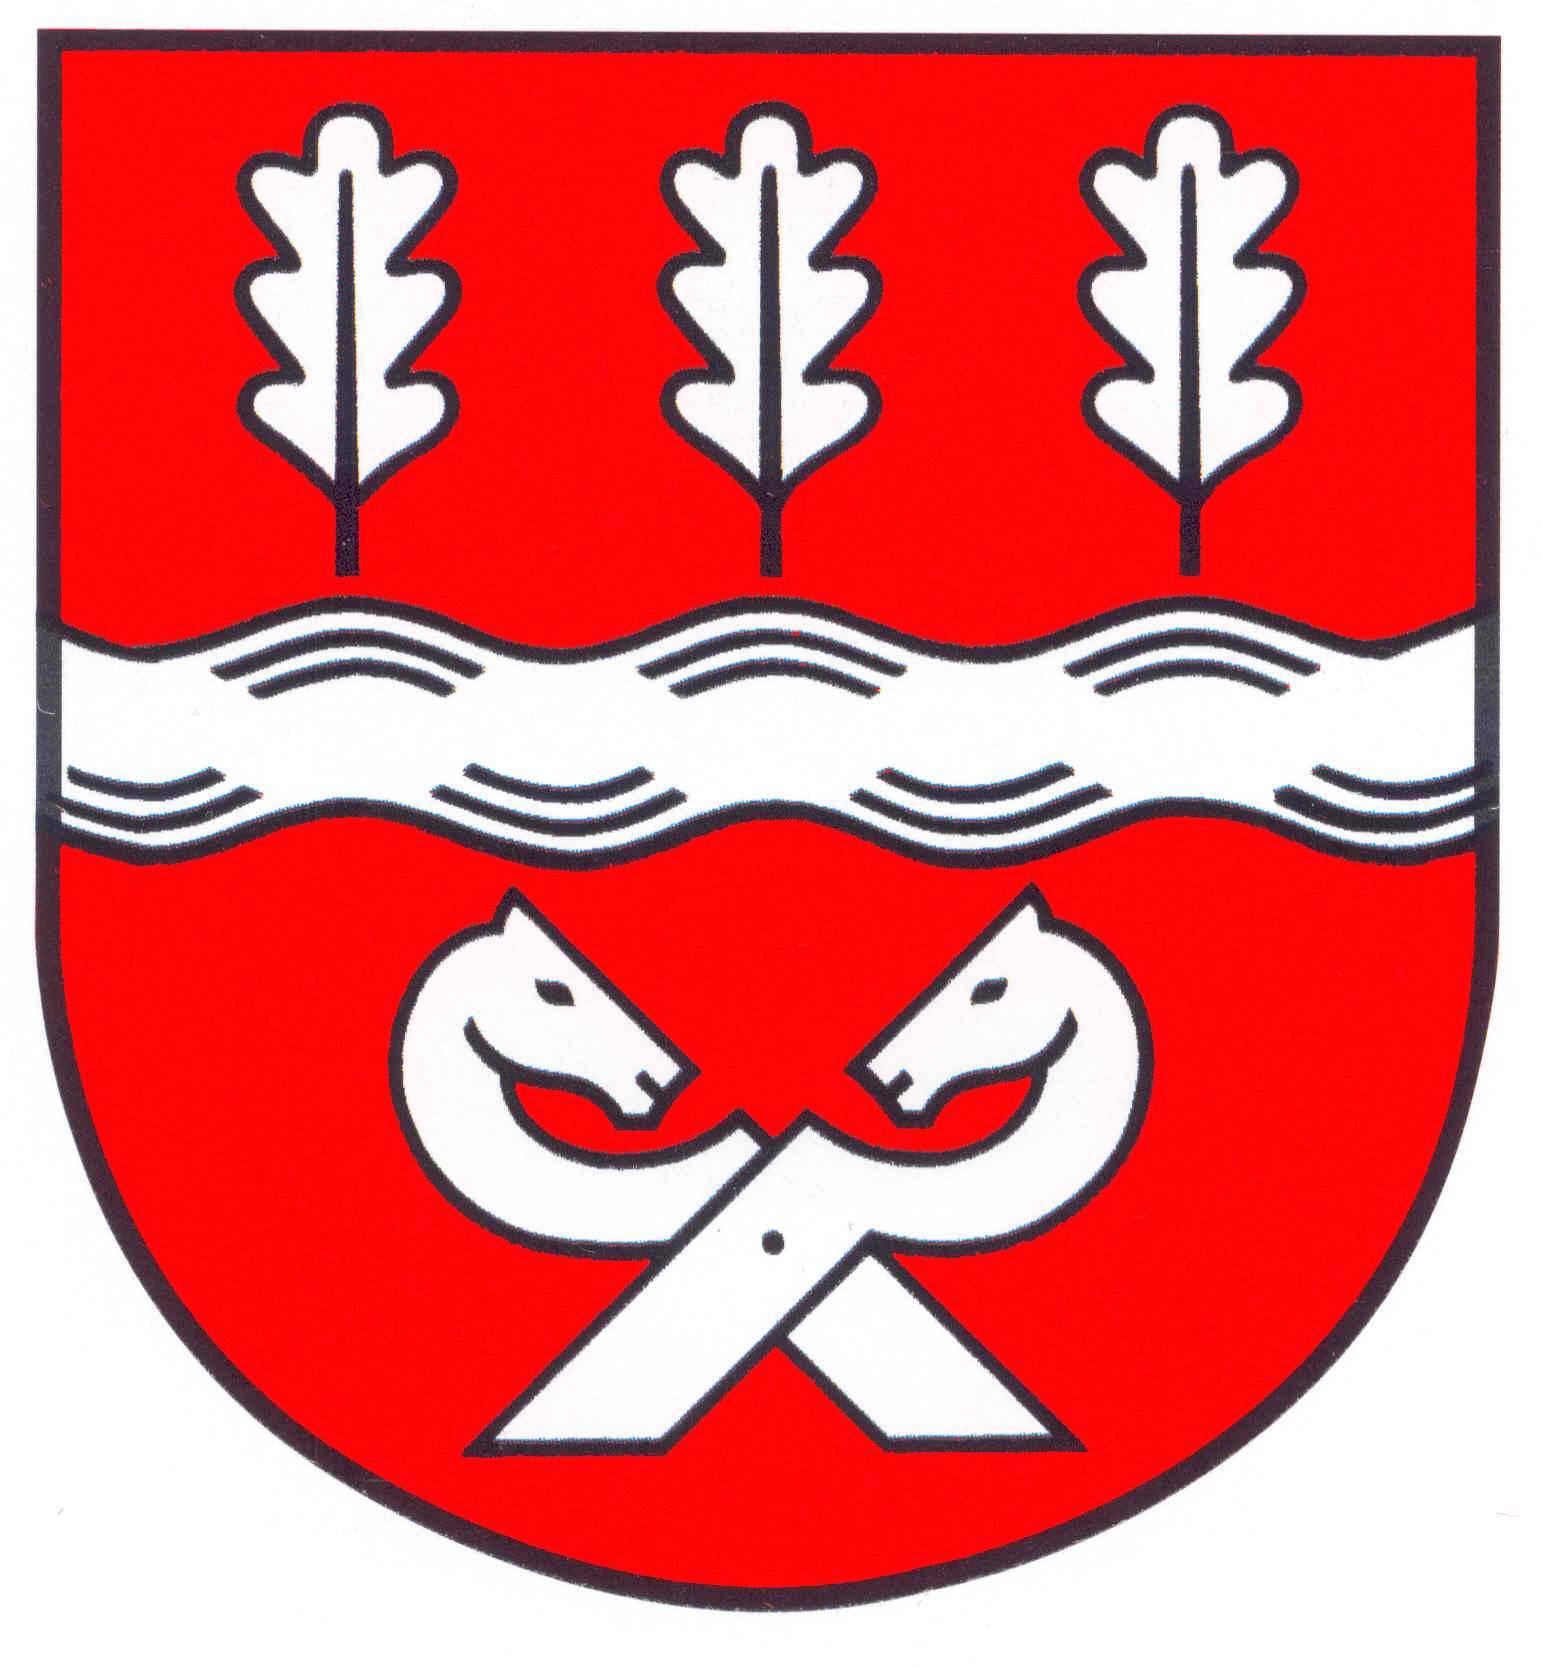 Wappen GemeindeWohltorf, Kreis Herzogtum Lauenburg